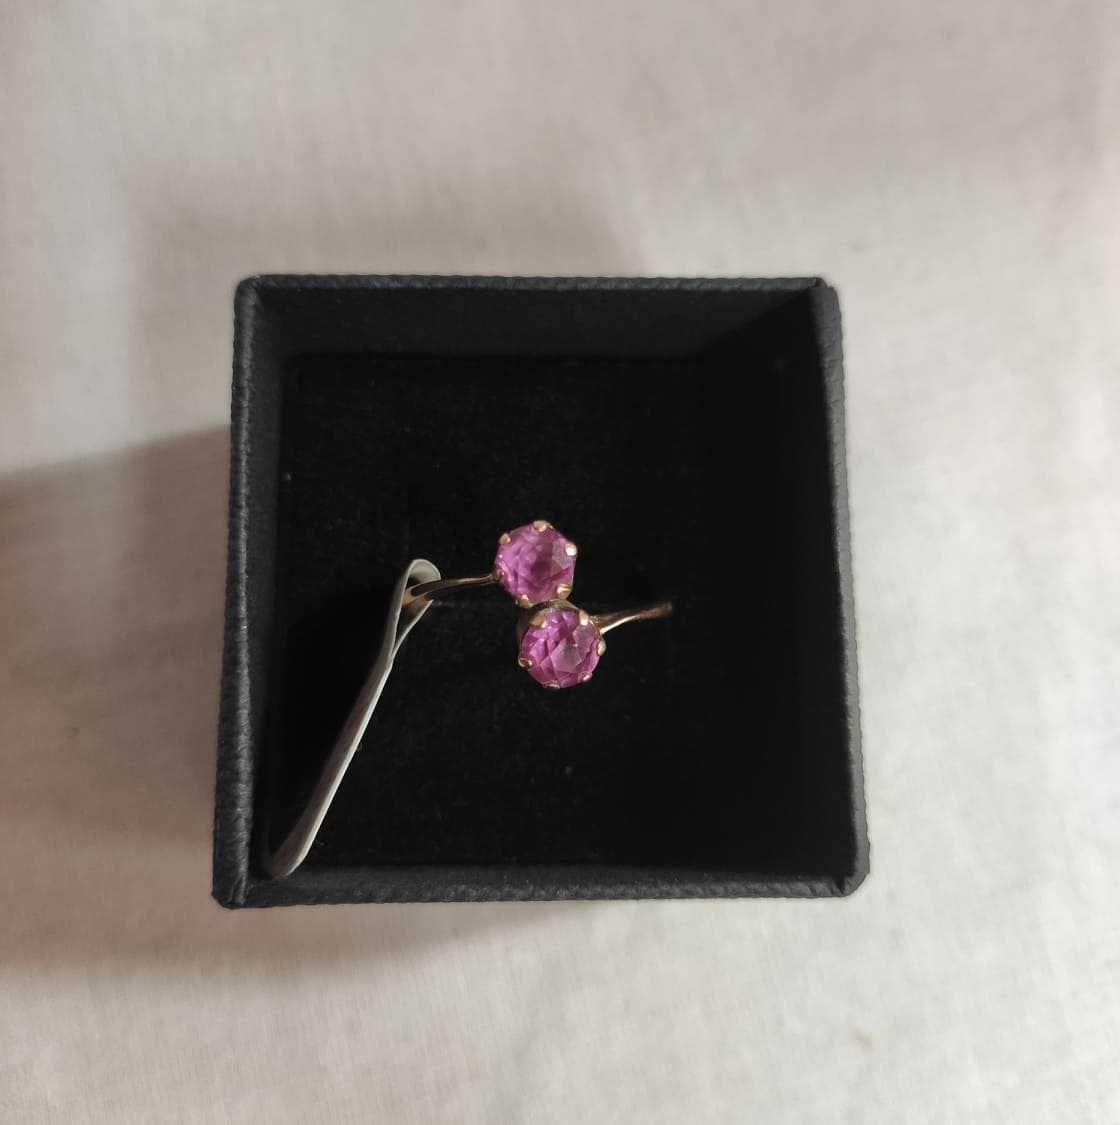 ZŁOTY pierścionek różowe oczko pr.585 rozm.15 Lombard Madej sc